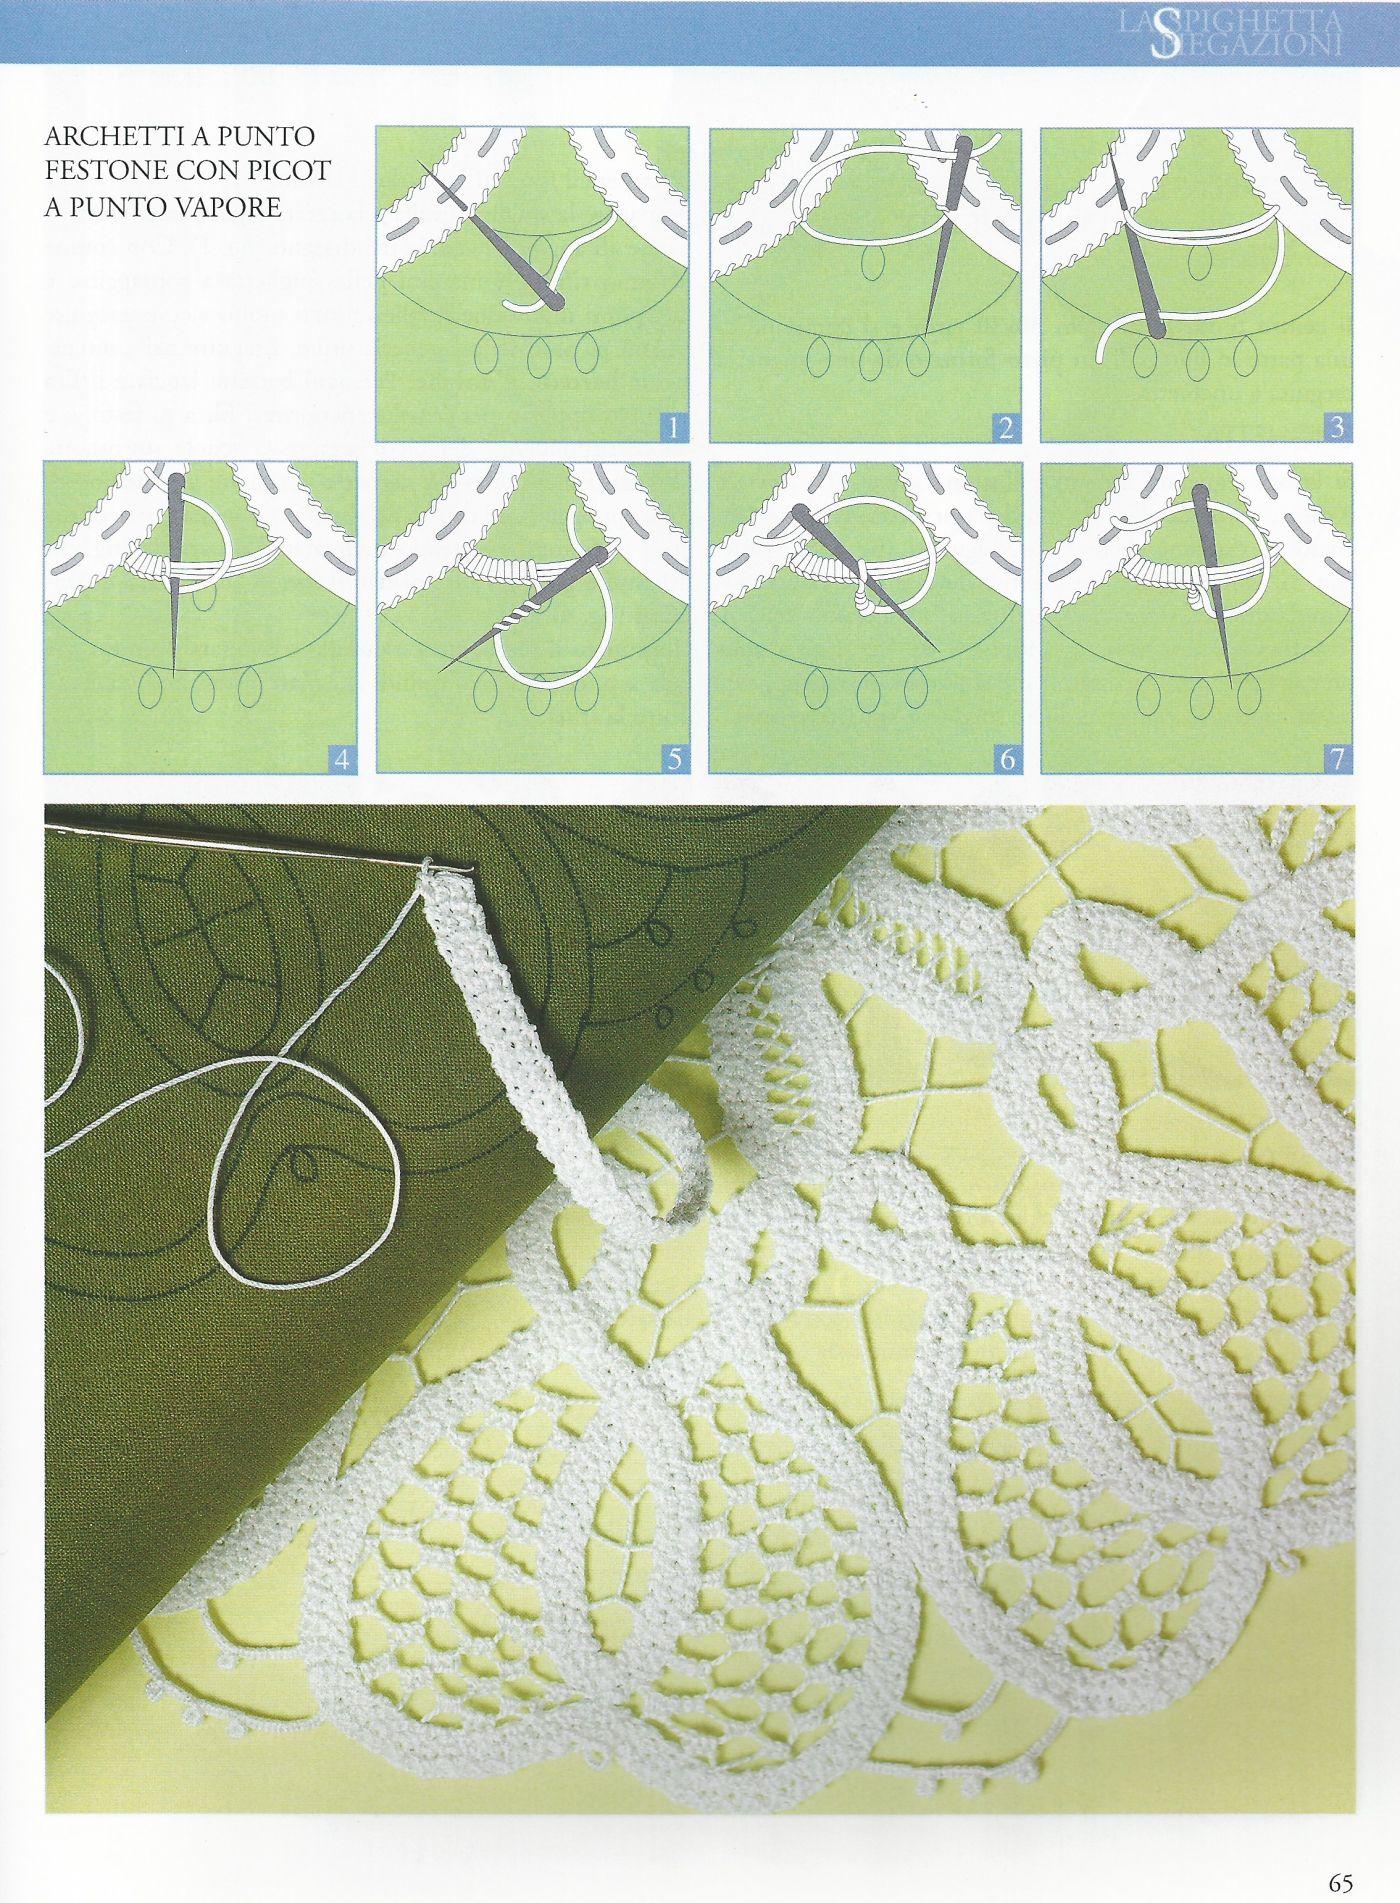 Renaissance Lace With Crochet Tapes | Crochet irlandés | Pinterest ...